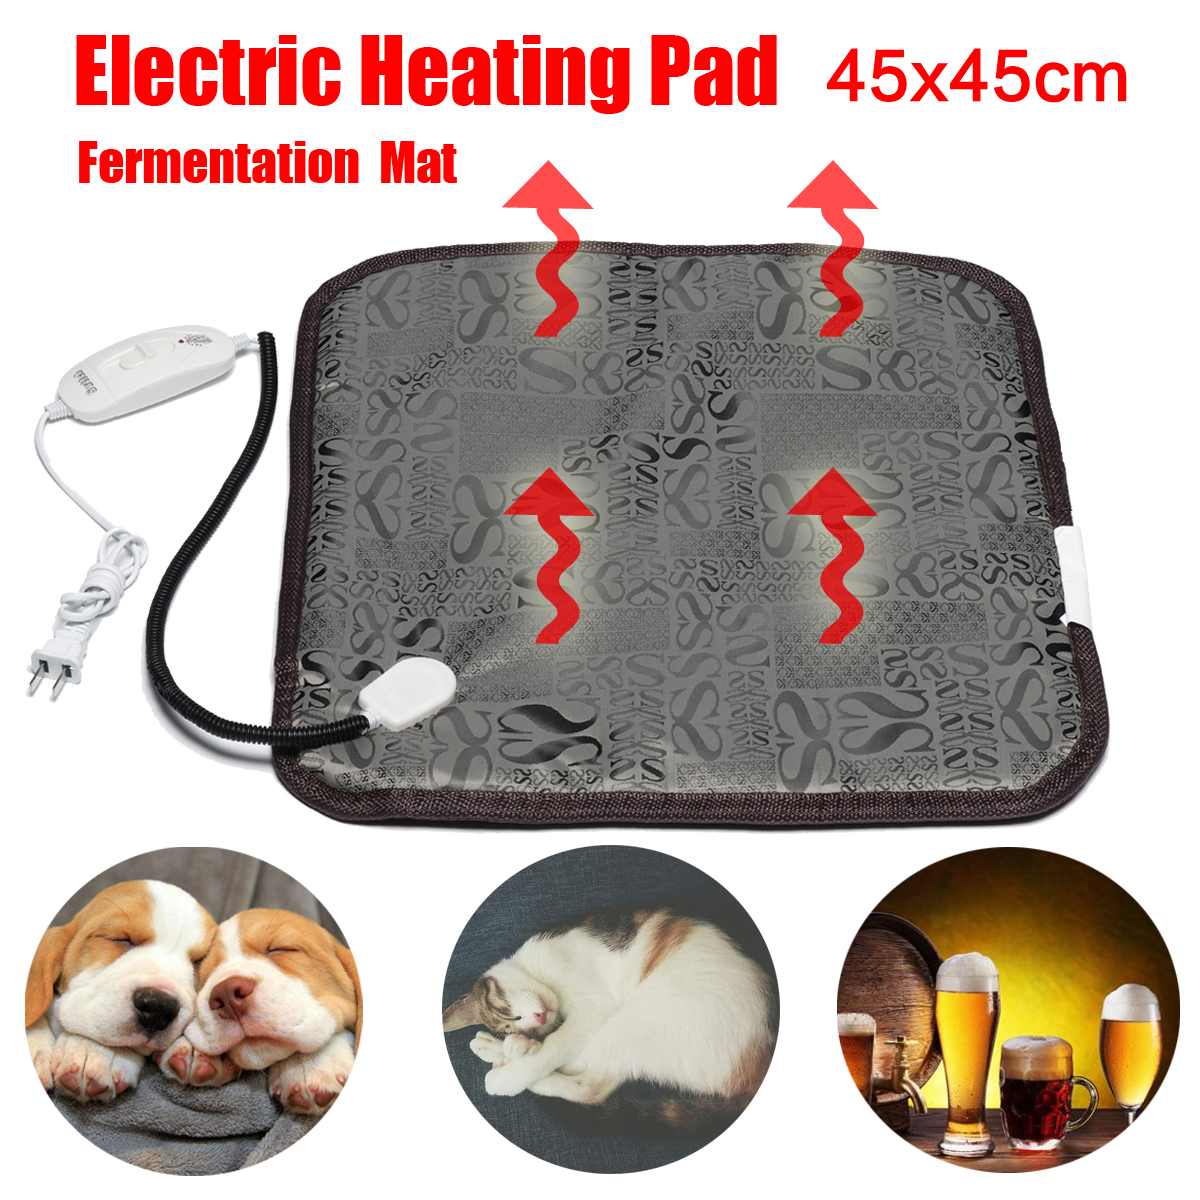 Anjing Peliharaan Kucing Pemanas Listrik Pad Musim Dingin Hangat Karpet untuk Tempat Tidur Hewan Listrik Selimut Bir Minuman Fermentasi Pemanas Mat